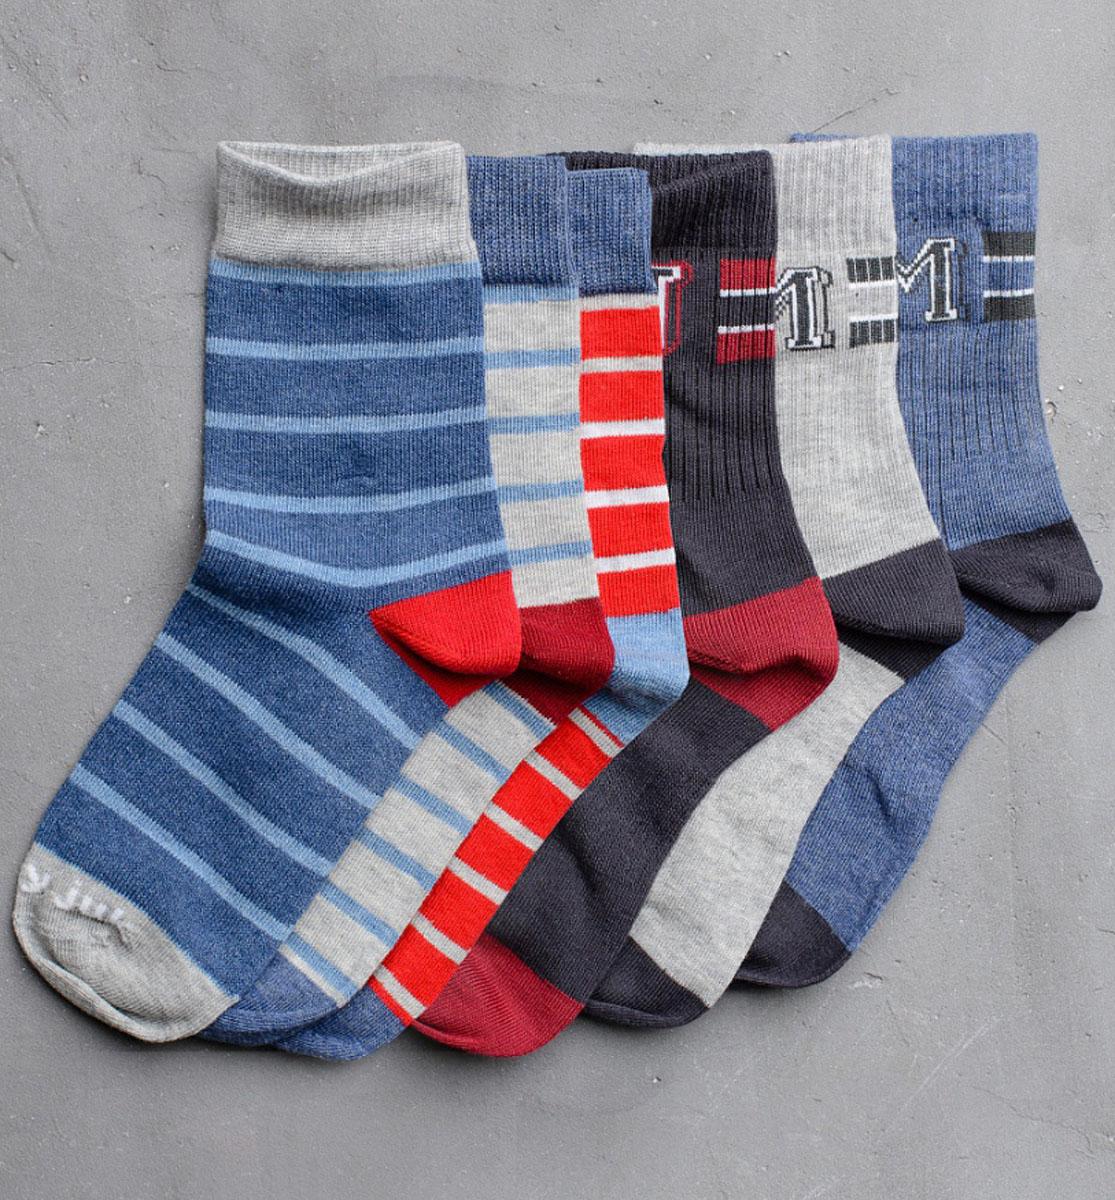 Носки для мальчика Modniy Juk, цвет: мультиколор. Socks 22/Logo. Размер 12/14Socks 22/Logo/Стильные носки для мальчика Modniy Juk изготовлены из высококачественного материала, они приятны на ощупь, не раздражают нежную и чувствительную кожу ребенка, позволяя ей дышать. Модель отлично облегает стопу. Усиленный мысок и пятка продлят срок эксплуатации. Изделие дополнено логотипом в стиле Modniy Juk.